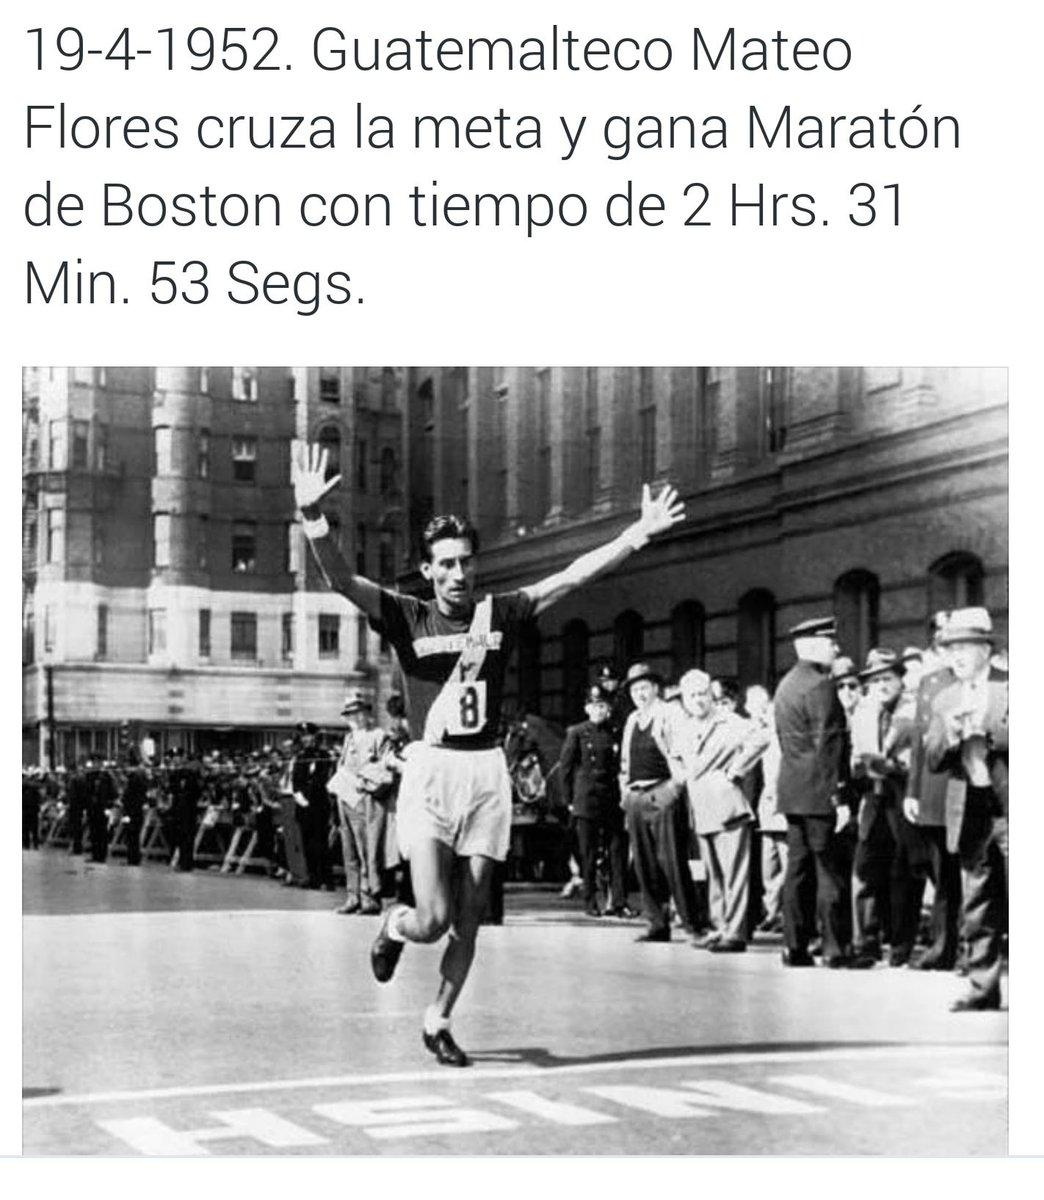 """#Eterno Un día como hoy en 1952 Doroteo Guamuch """"Mateo Flores"""" gana Maratón de Boston fotografía vía @GuatHistorica https://t.co/47XaZpoRdr"""